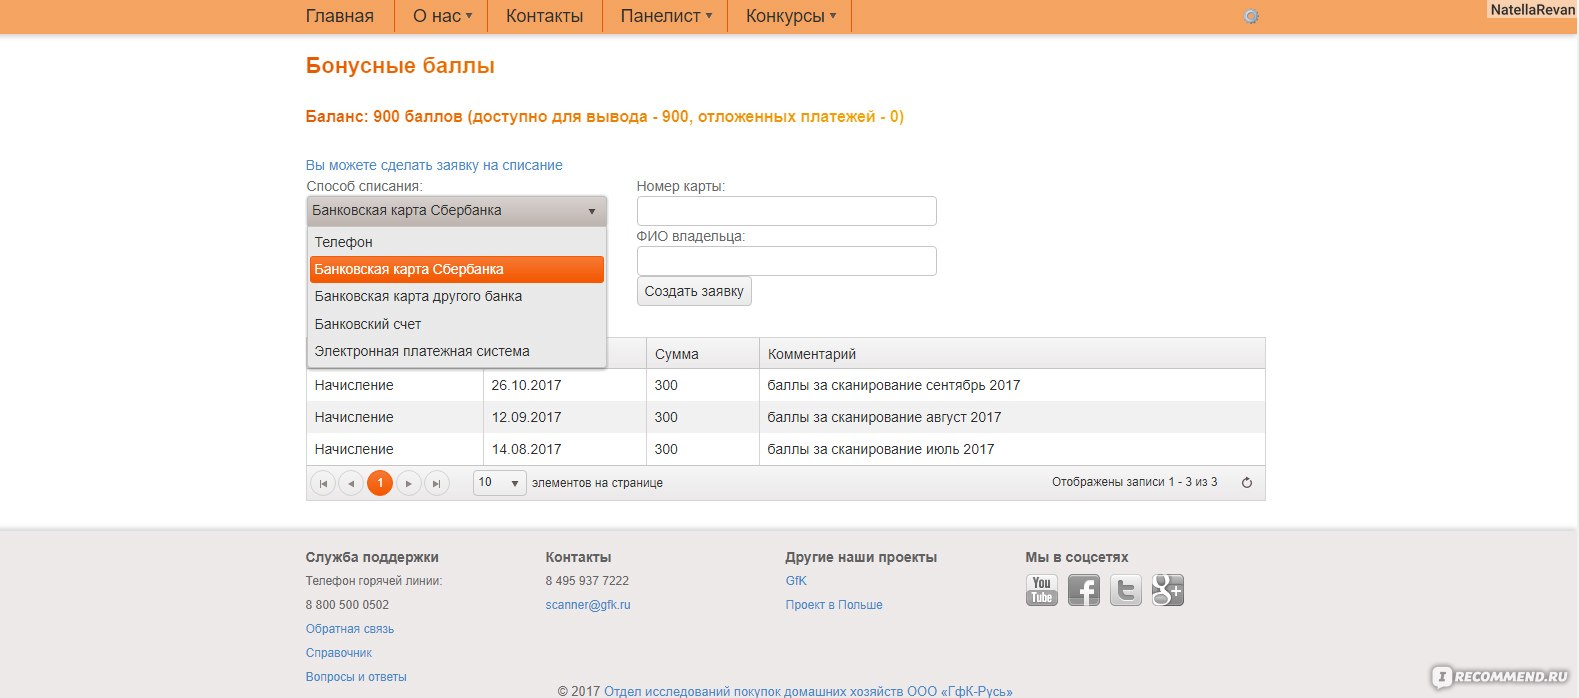 Как узнать расчетный счет карты Сбербанка - Сравни. ру 65